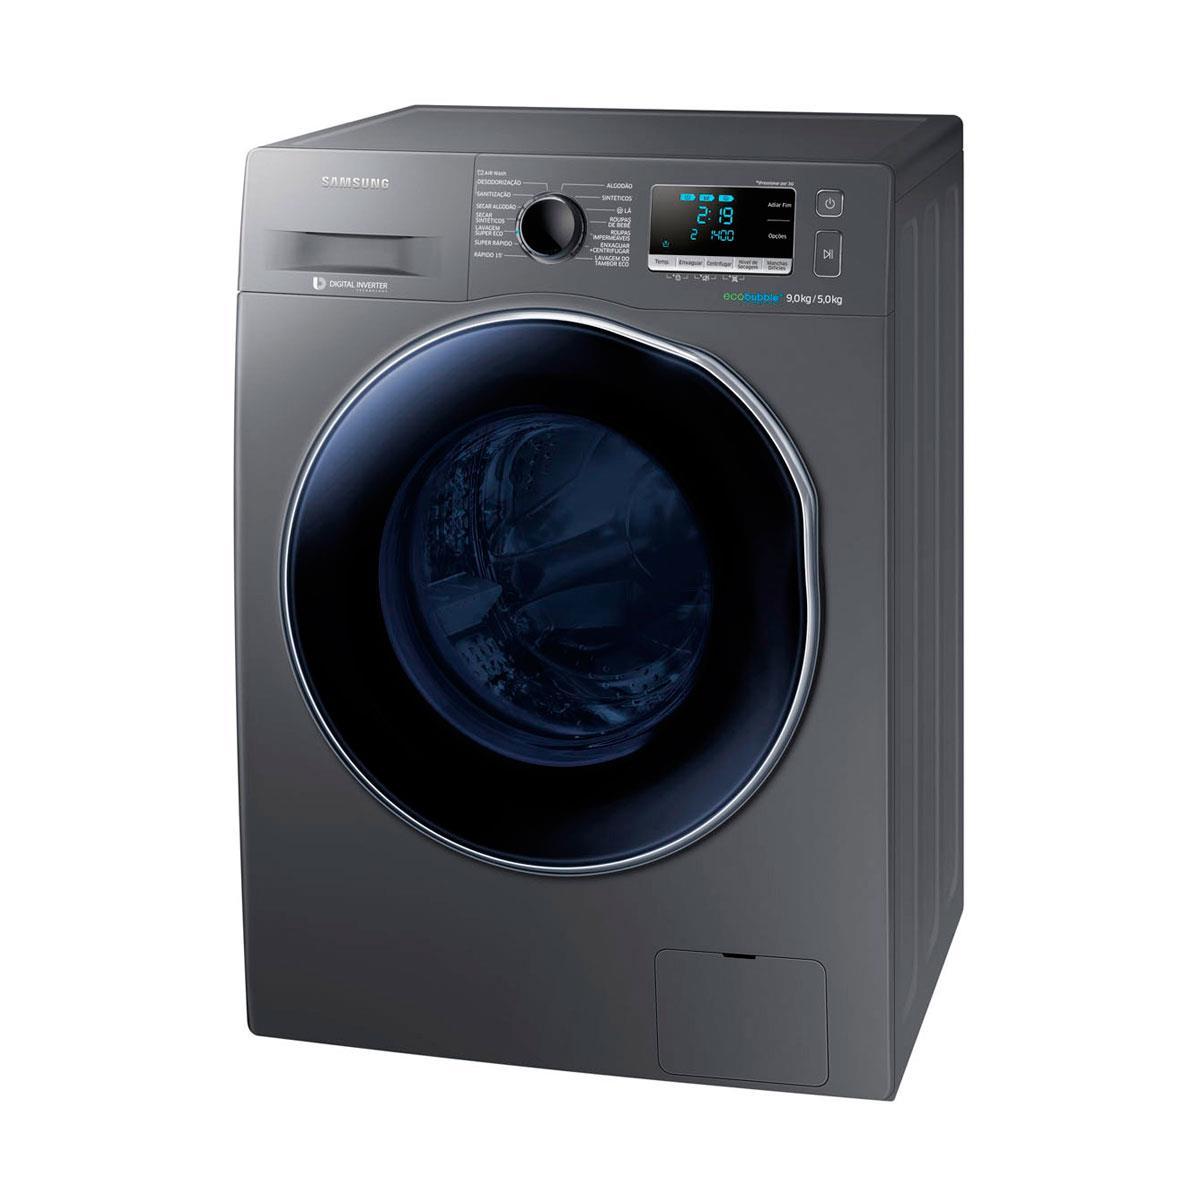 e03398834 Lava e Seca Samsung WD90J6410A 9 kg e 13 Programas de Lavagem